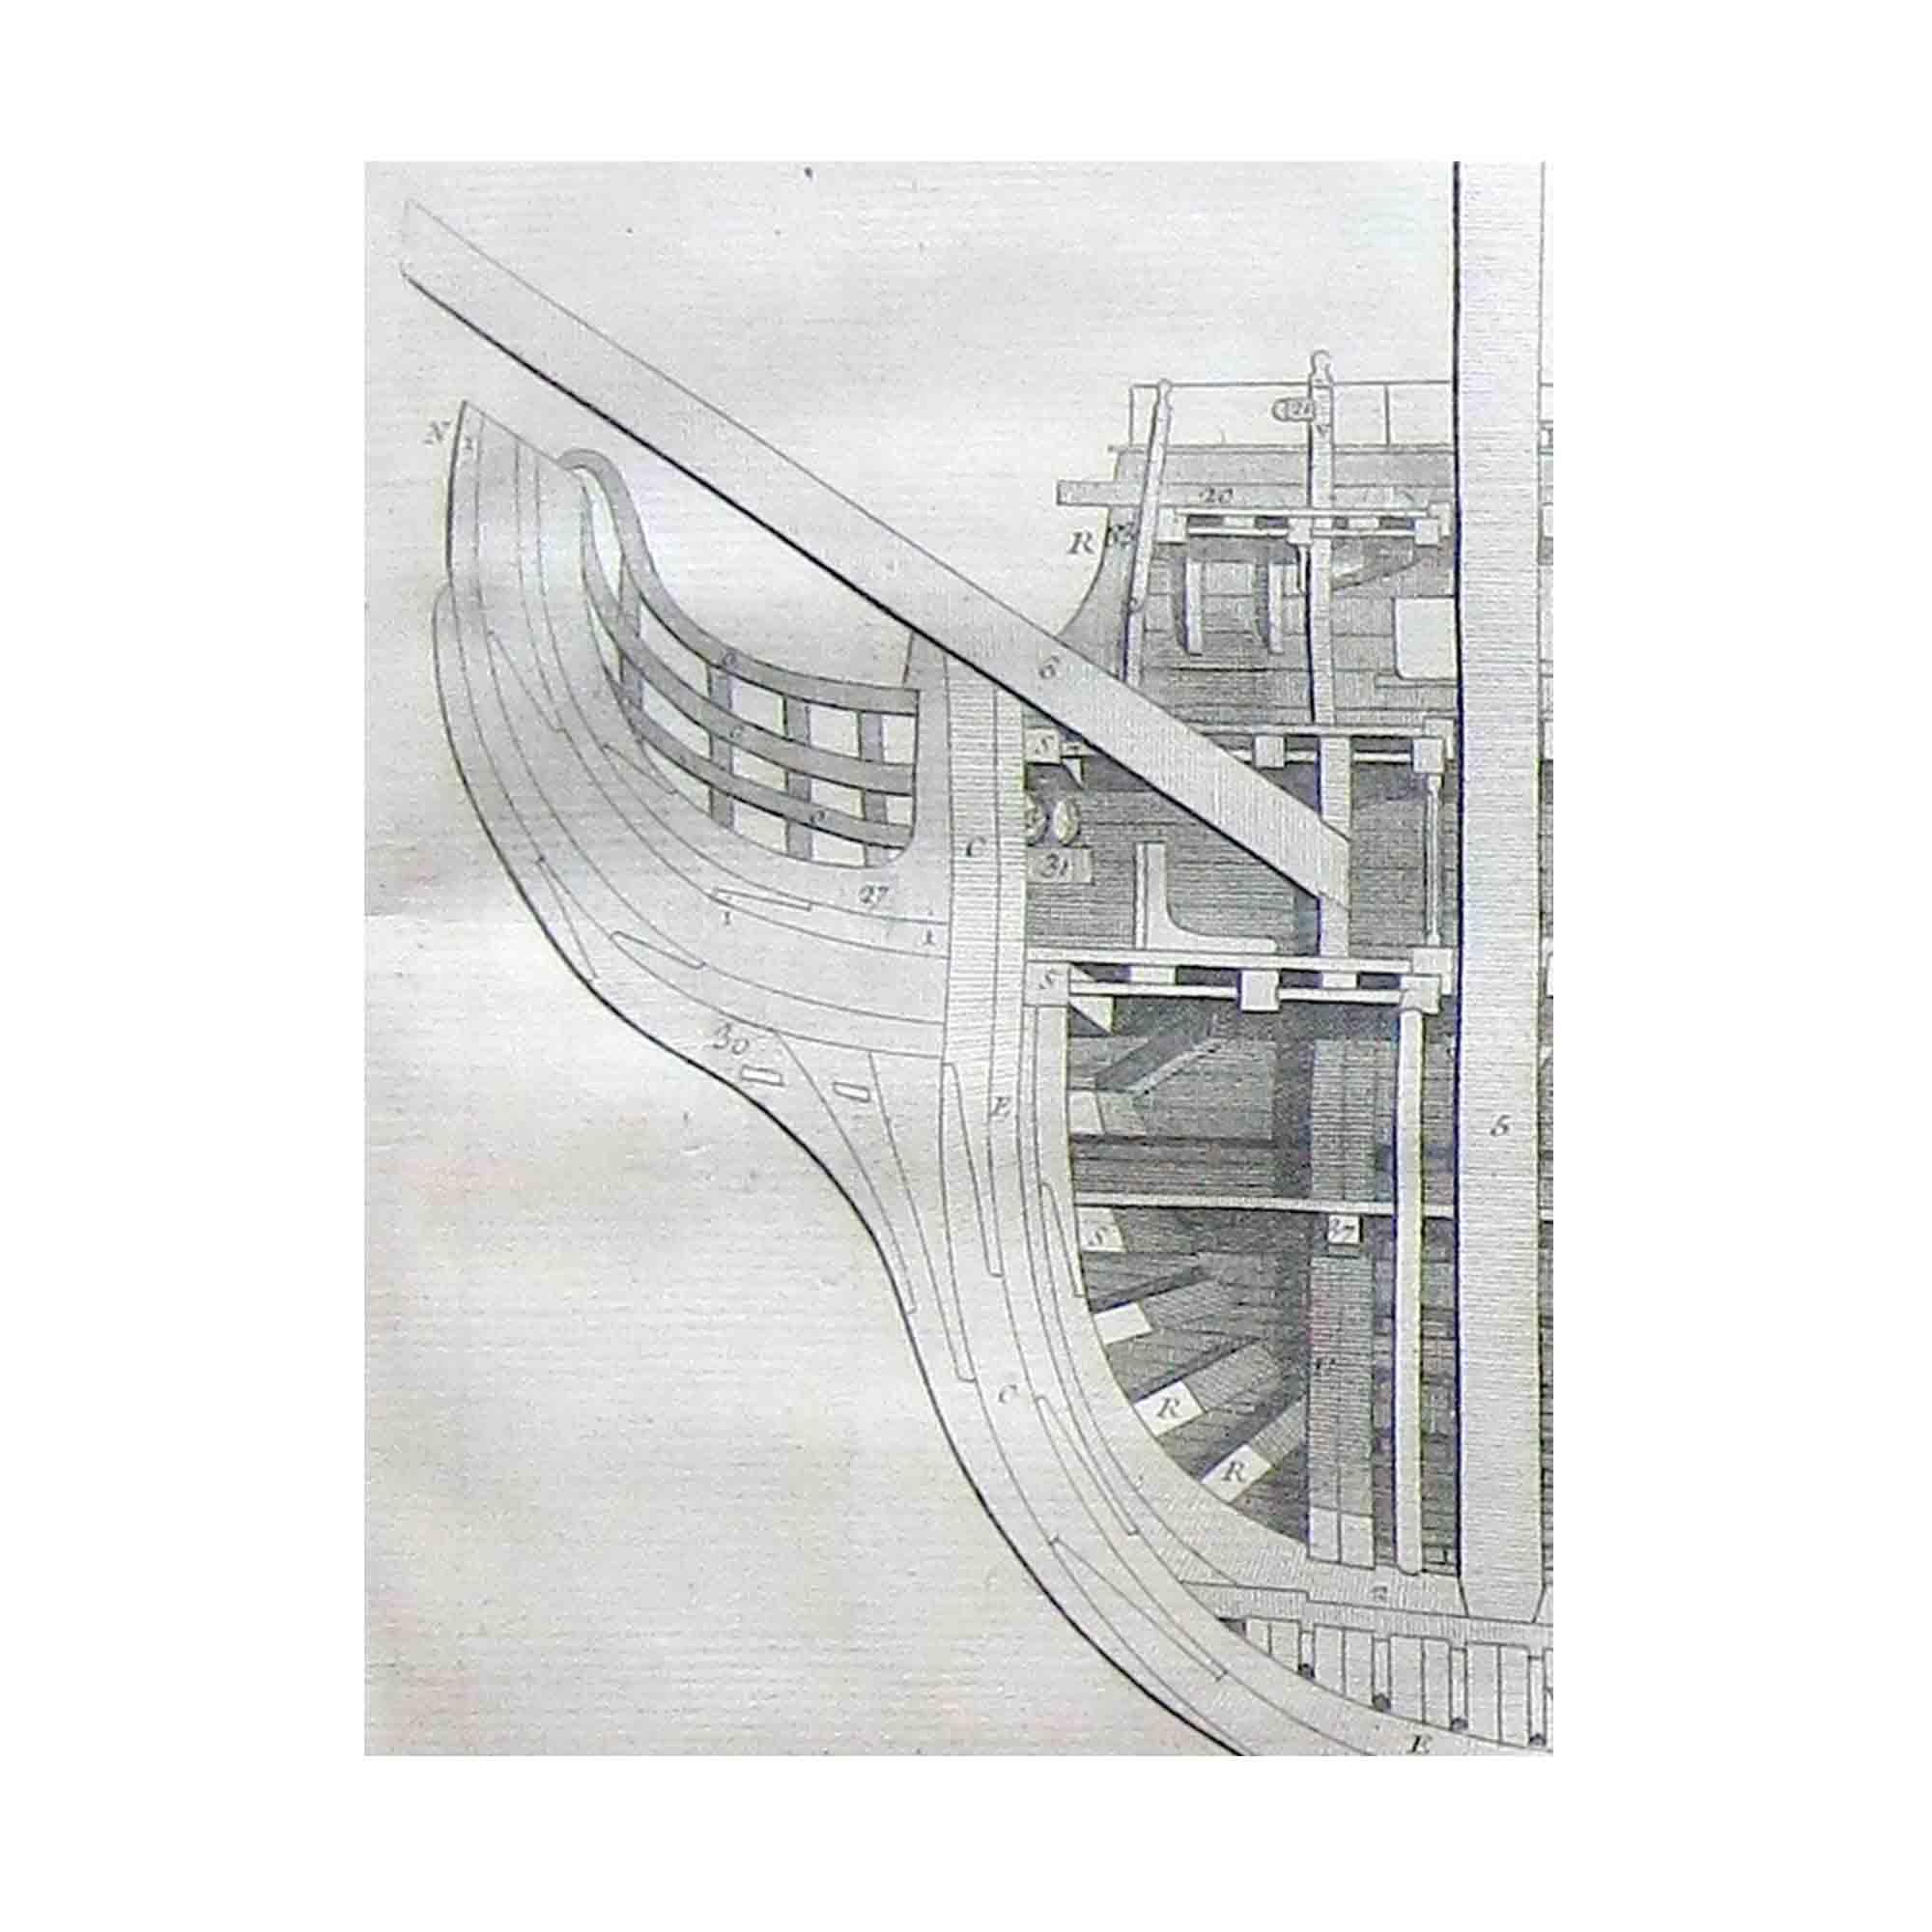 Duhamel-Vaisseaux-1758-Tafel-Ausschnitt-N.jpg